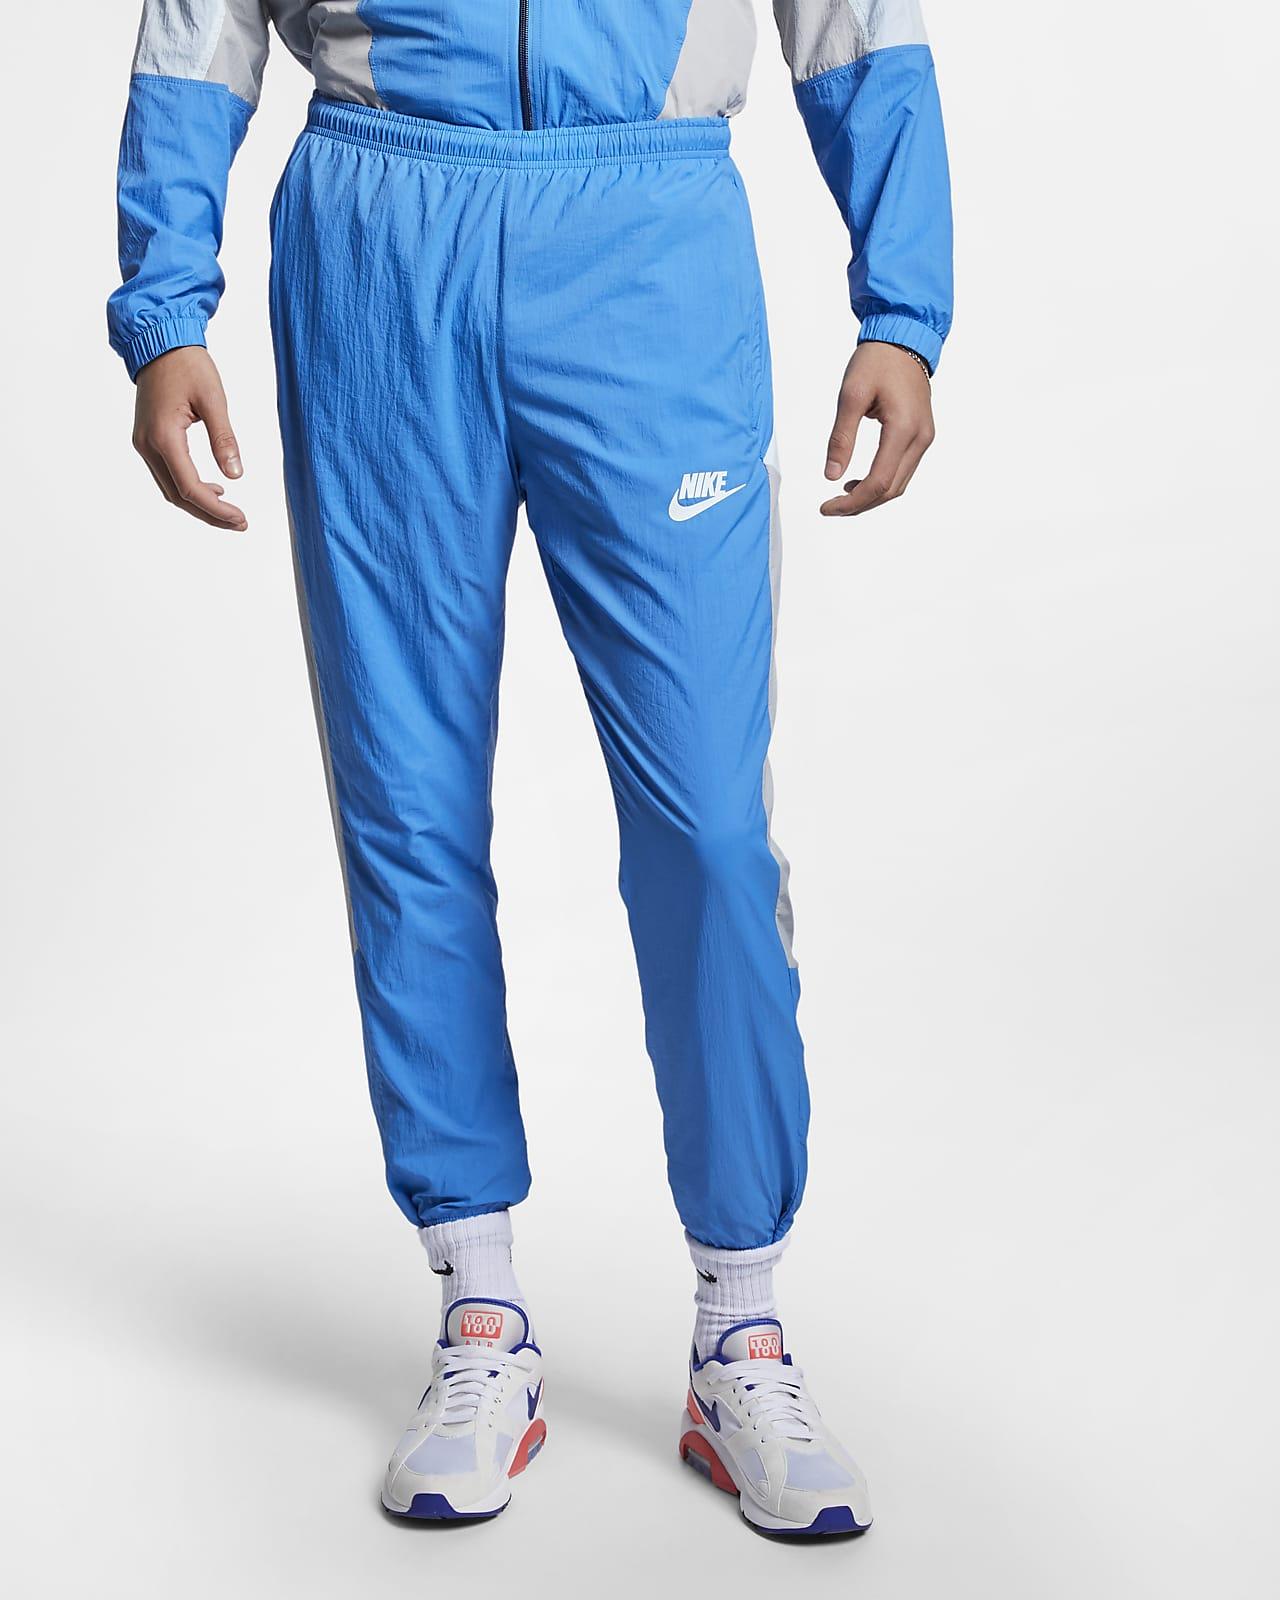 Vävda byxor Nike Sportswear för män